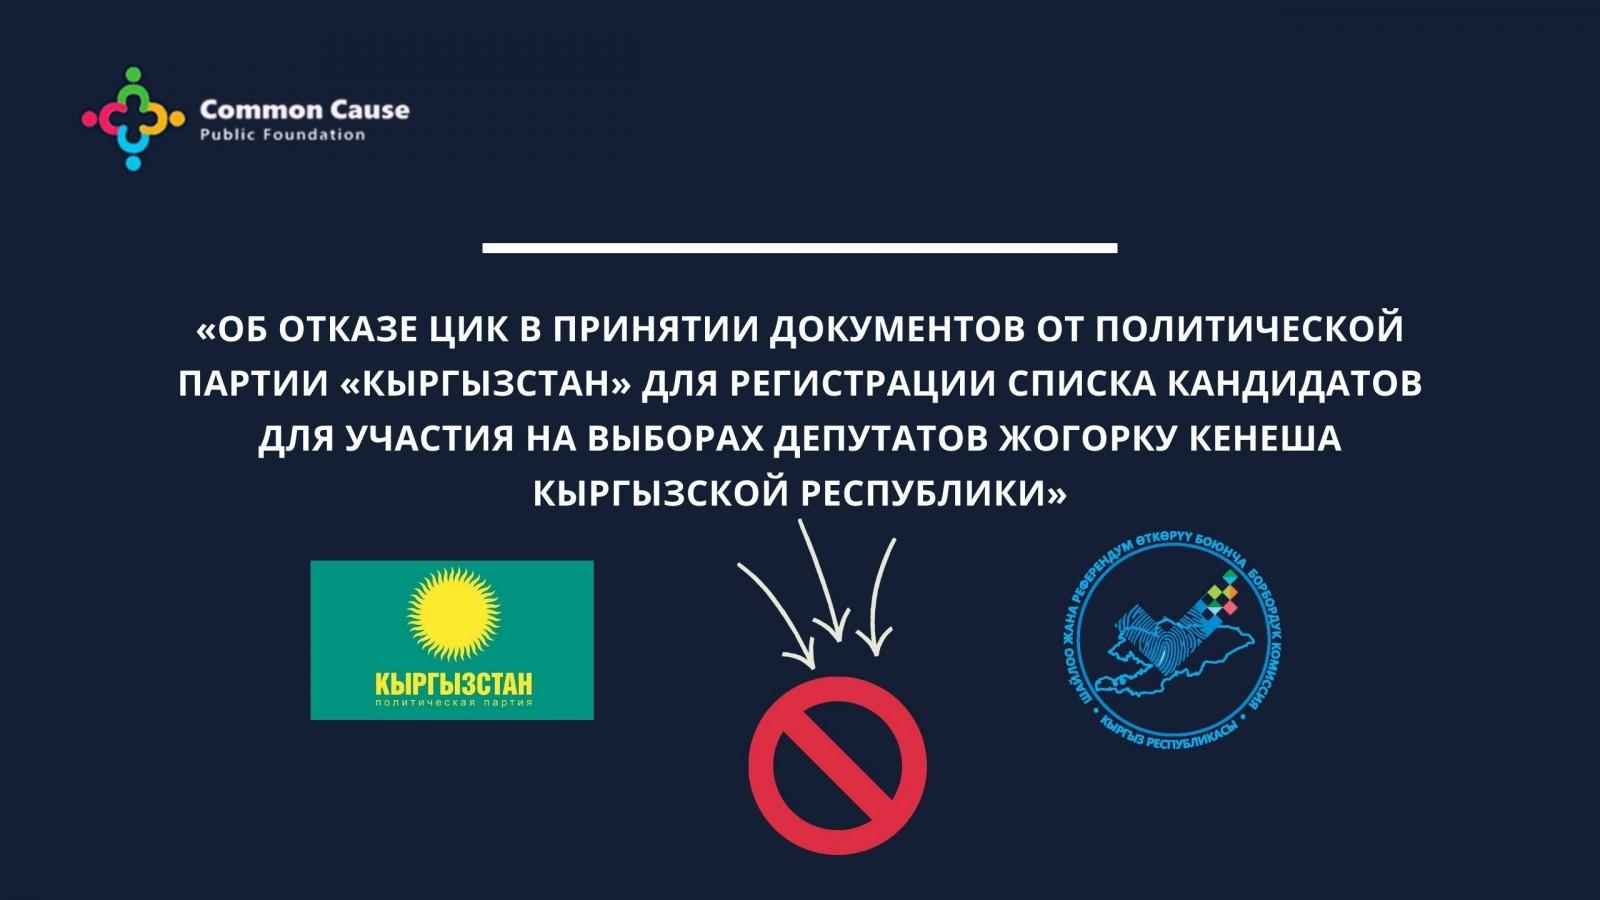 """Как полит.партия """"Кыргызстан"""" была допущена к выборам"""